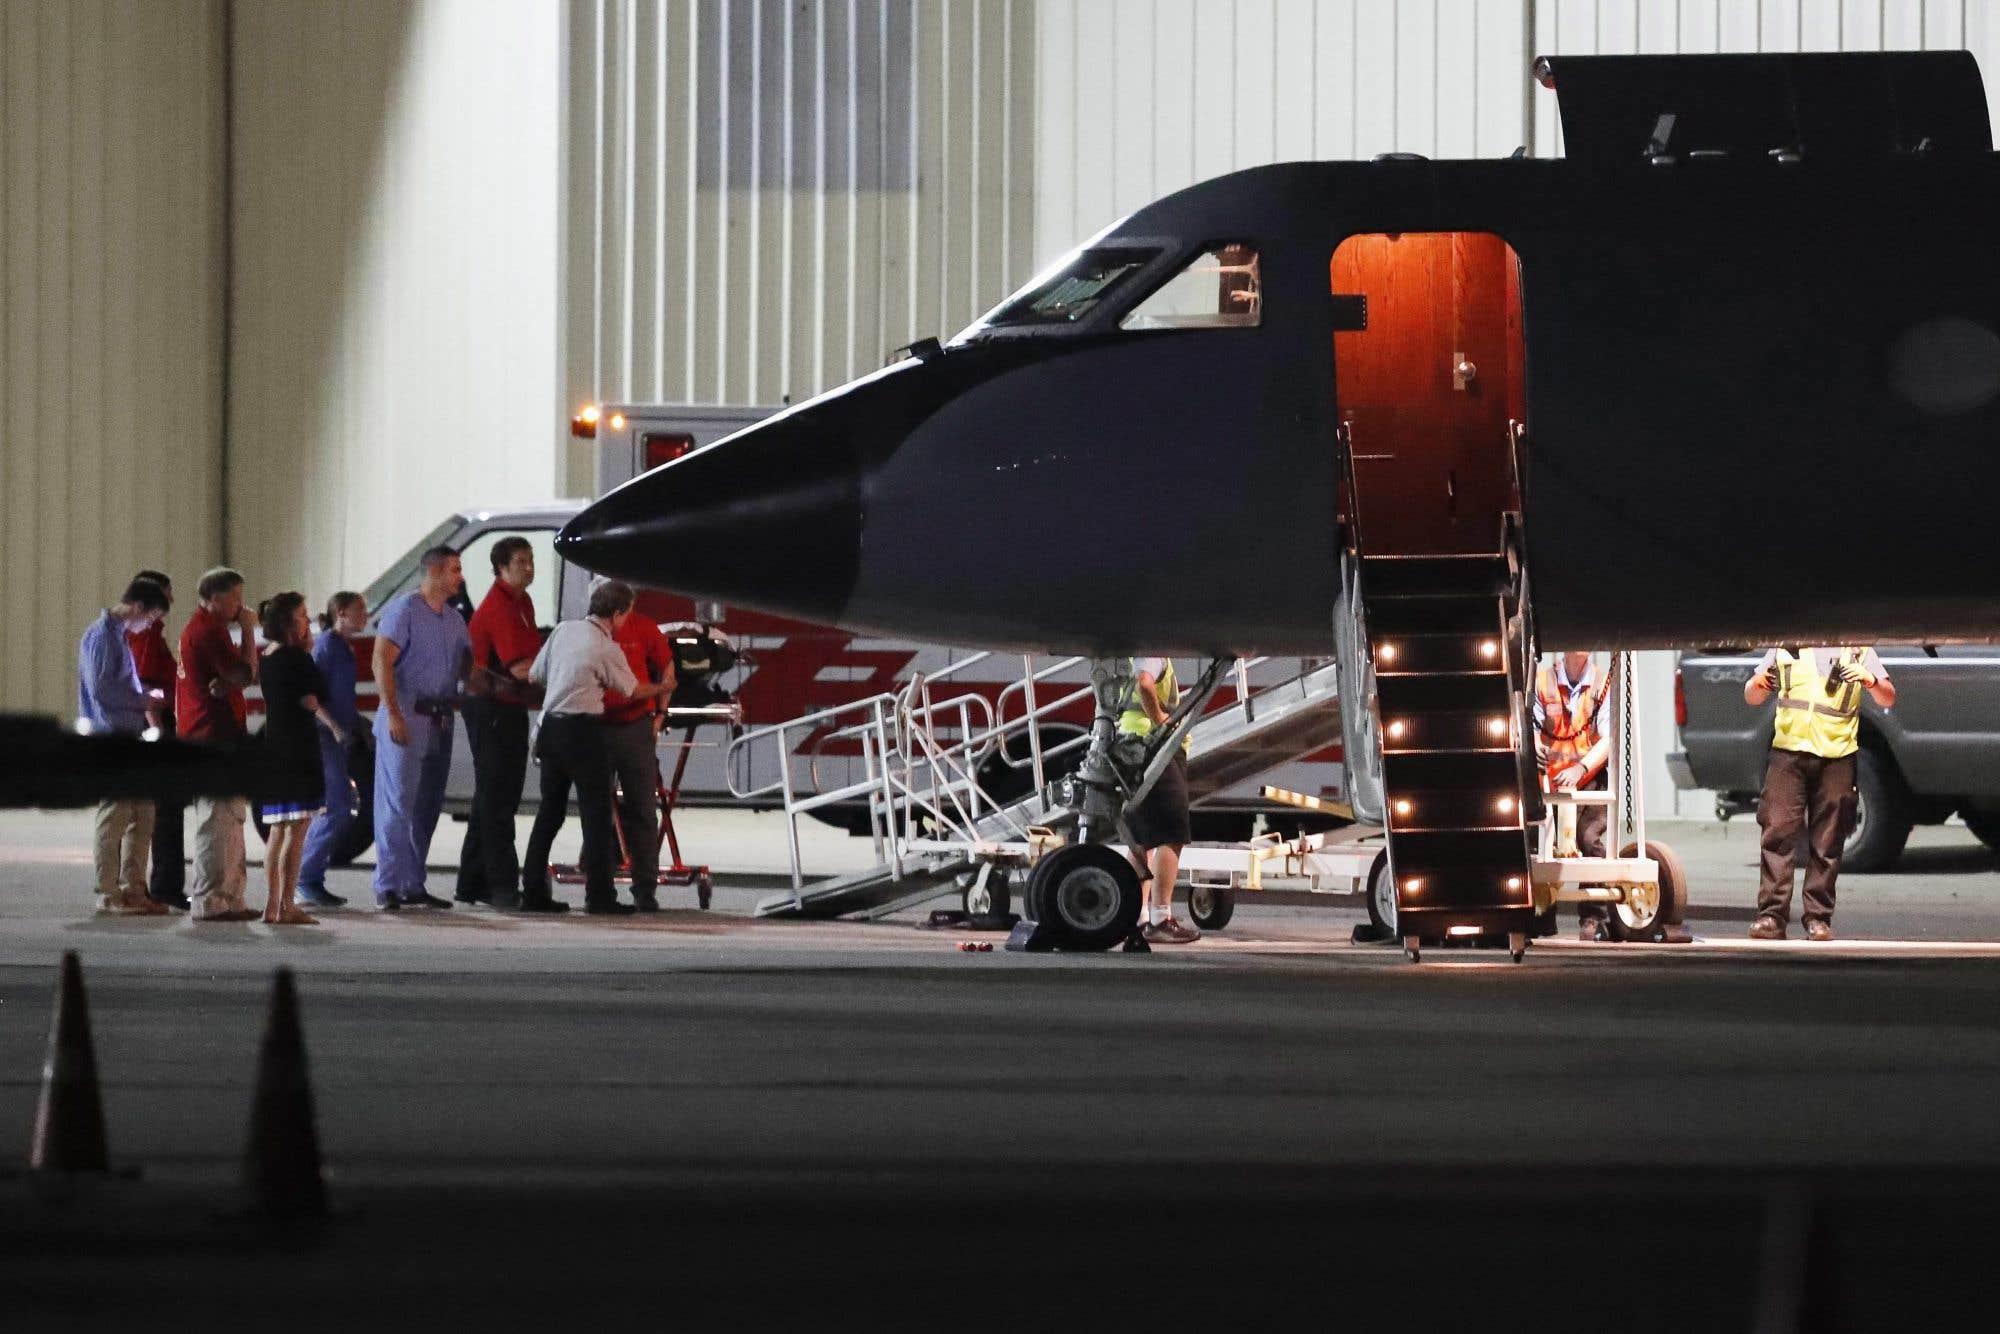 Du personnel médical et des visiteurs se rassemblent à l'avant de l'avion transportant Otto Warmbier, un étudiant de 22 ans de l'Université de Virginie. M. Warmbier avait été emprisonné en Corée du Nord en mars 2016 et serait dans le coma depuis plusieurs mois. Il a été retourné aux États-Unis mardi.